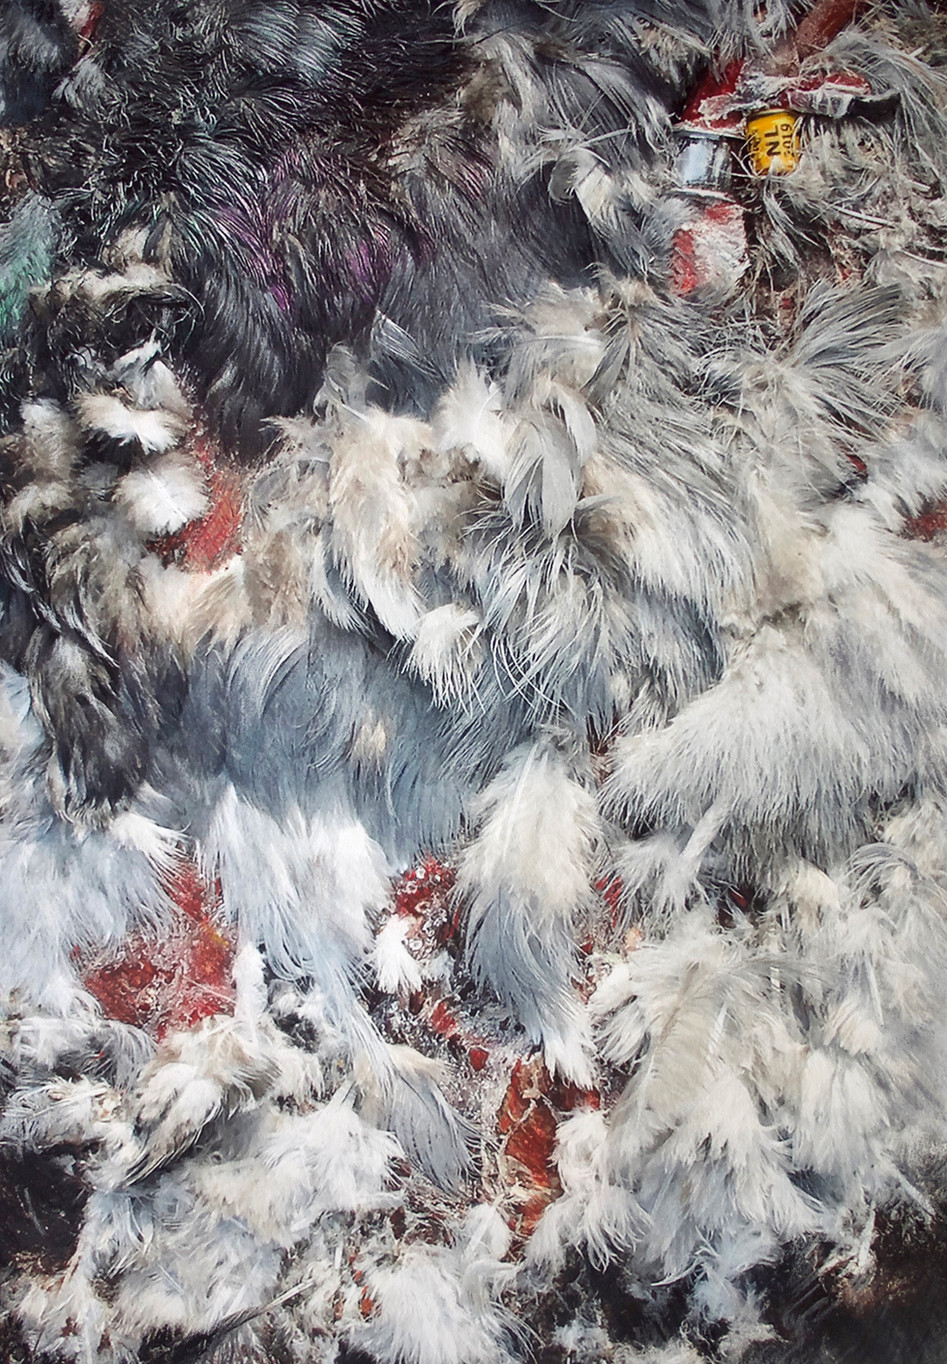 Reisduif // Homing pigeon, Belzele